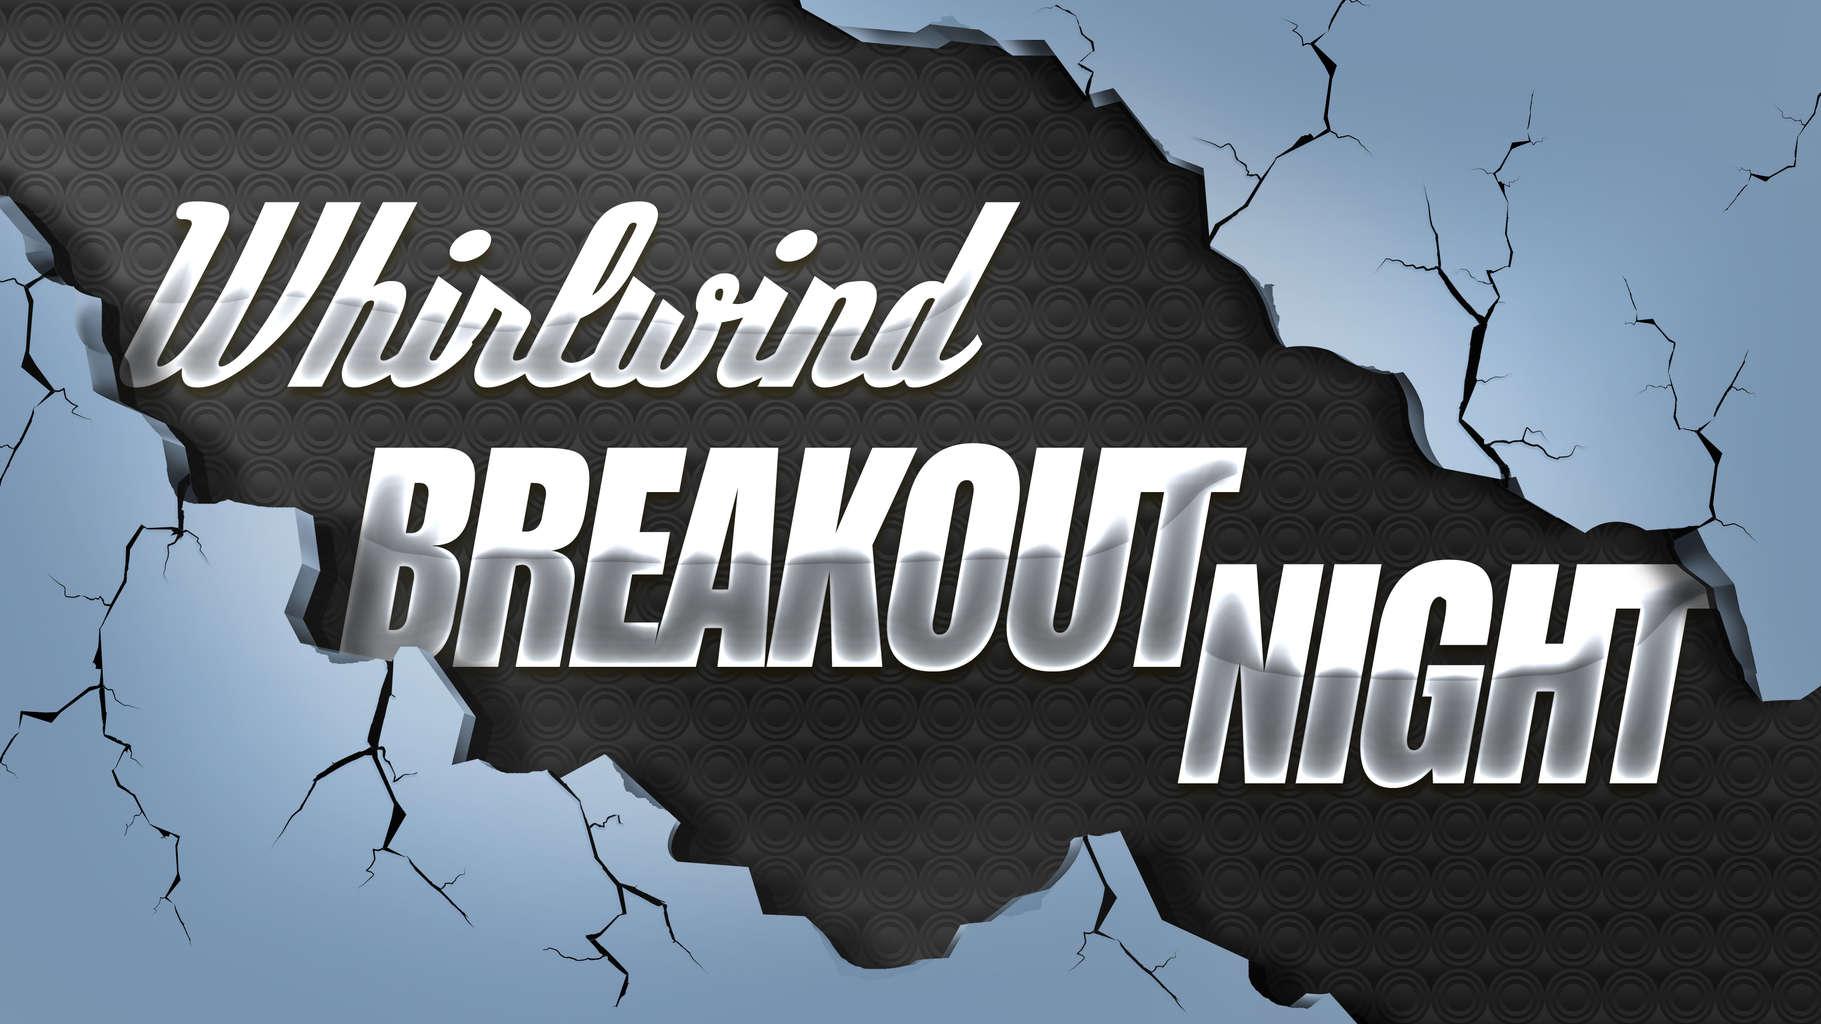 Breakout Night 2